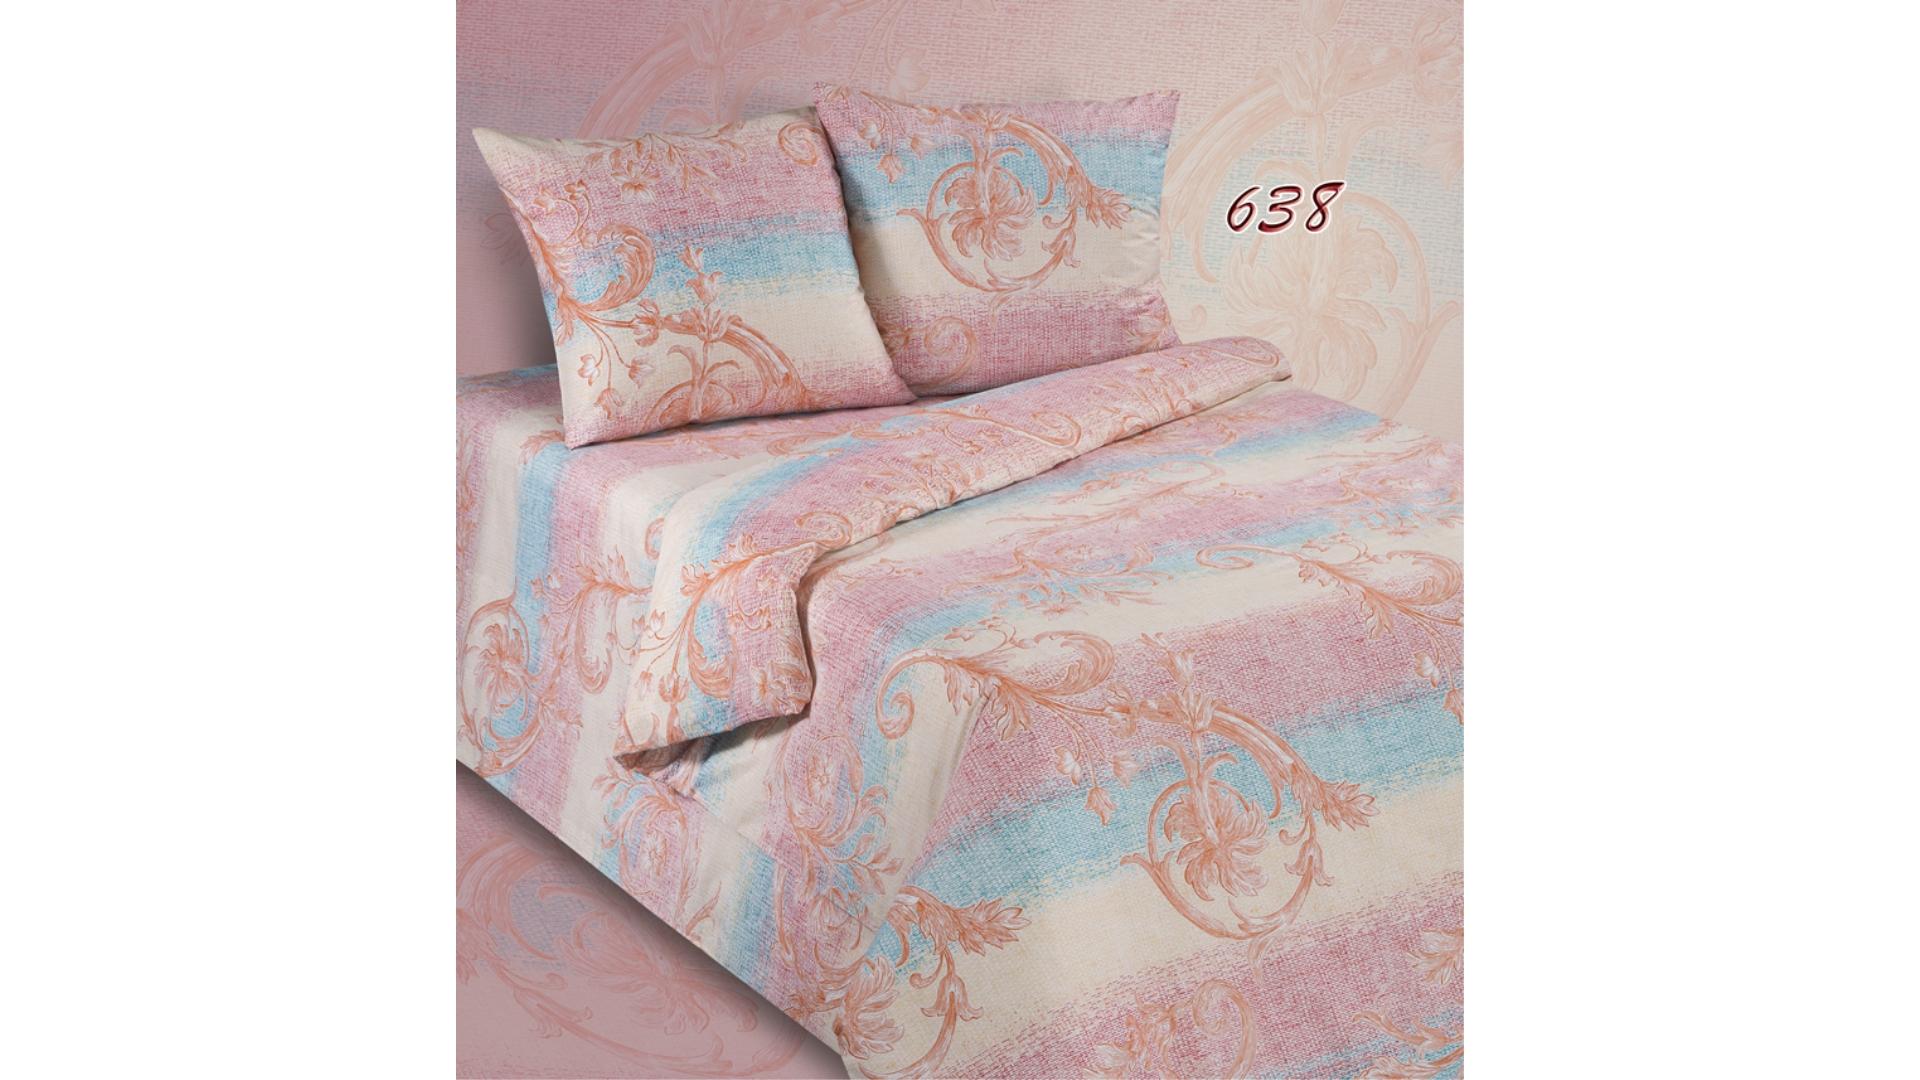 Комплект постельного белья Экзотика (638)  фото FullHD (0)